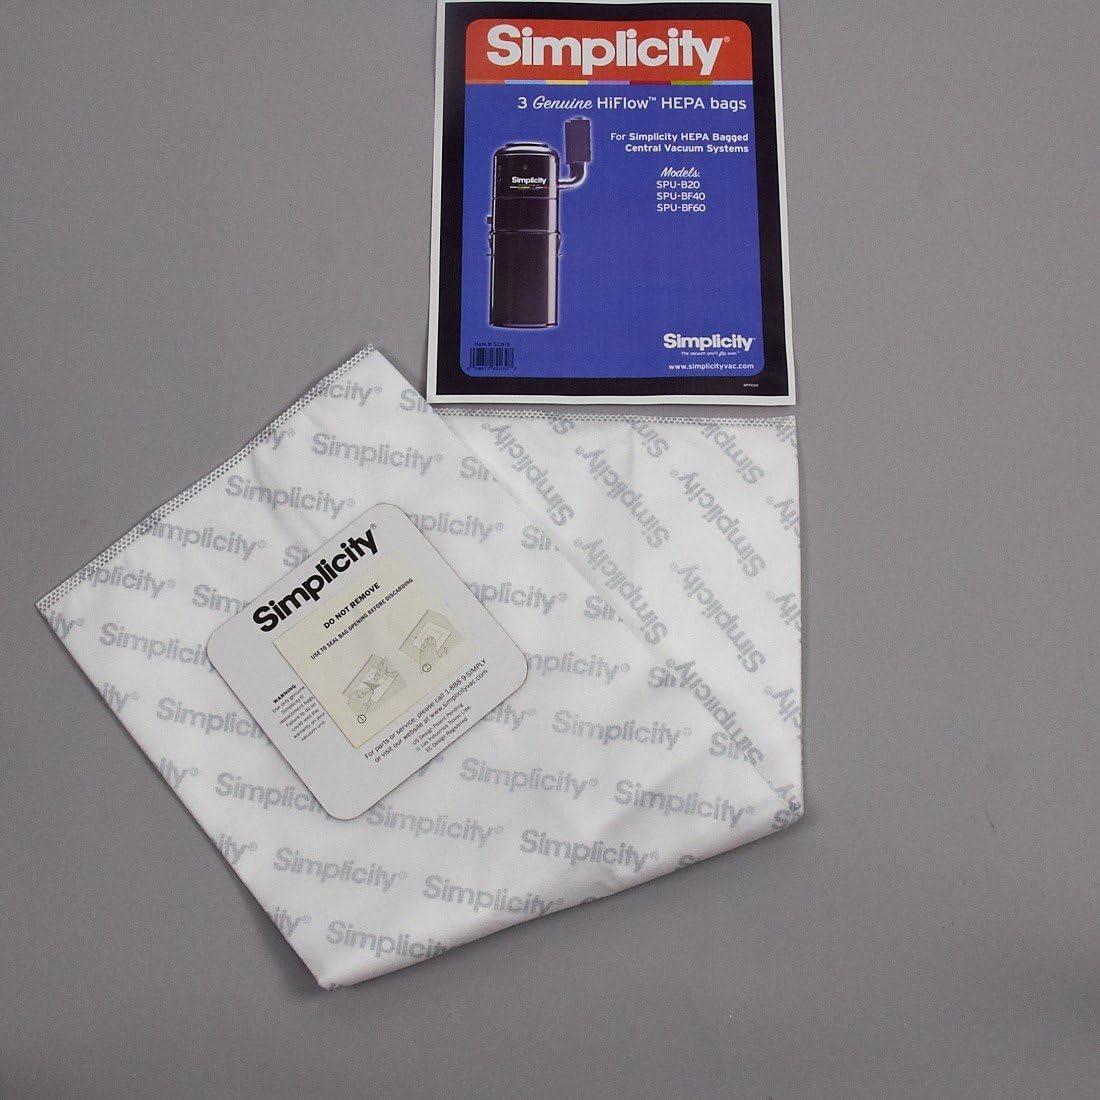 SIMPLICITY CENTRAL VACUUM BAGS SCB-3